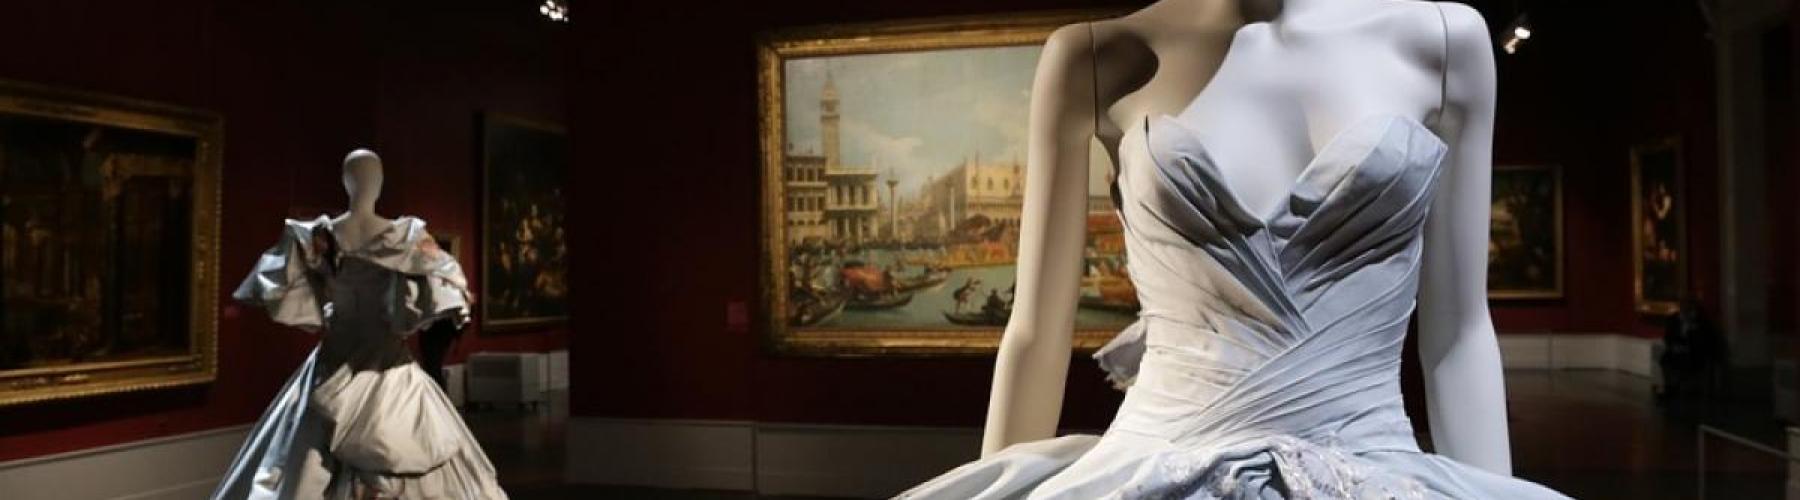 Copertina Vi.P. Gallery V. Patarini arte contemporanea